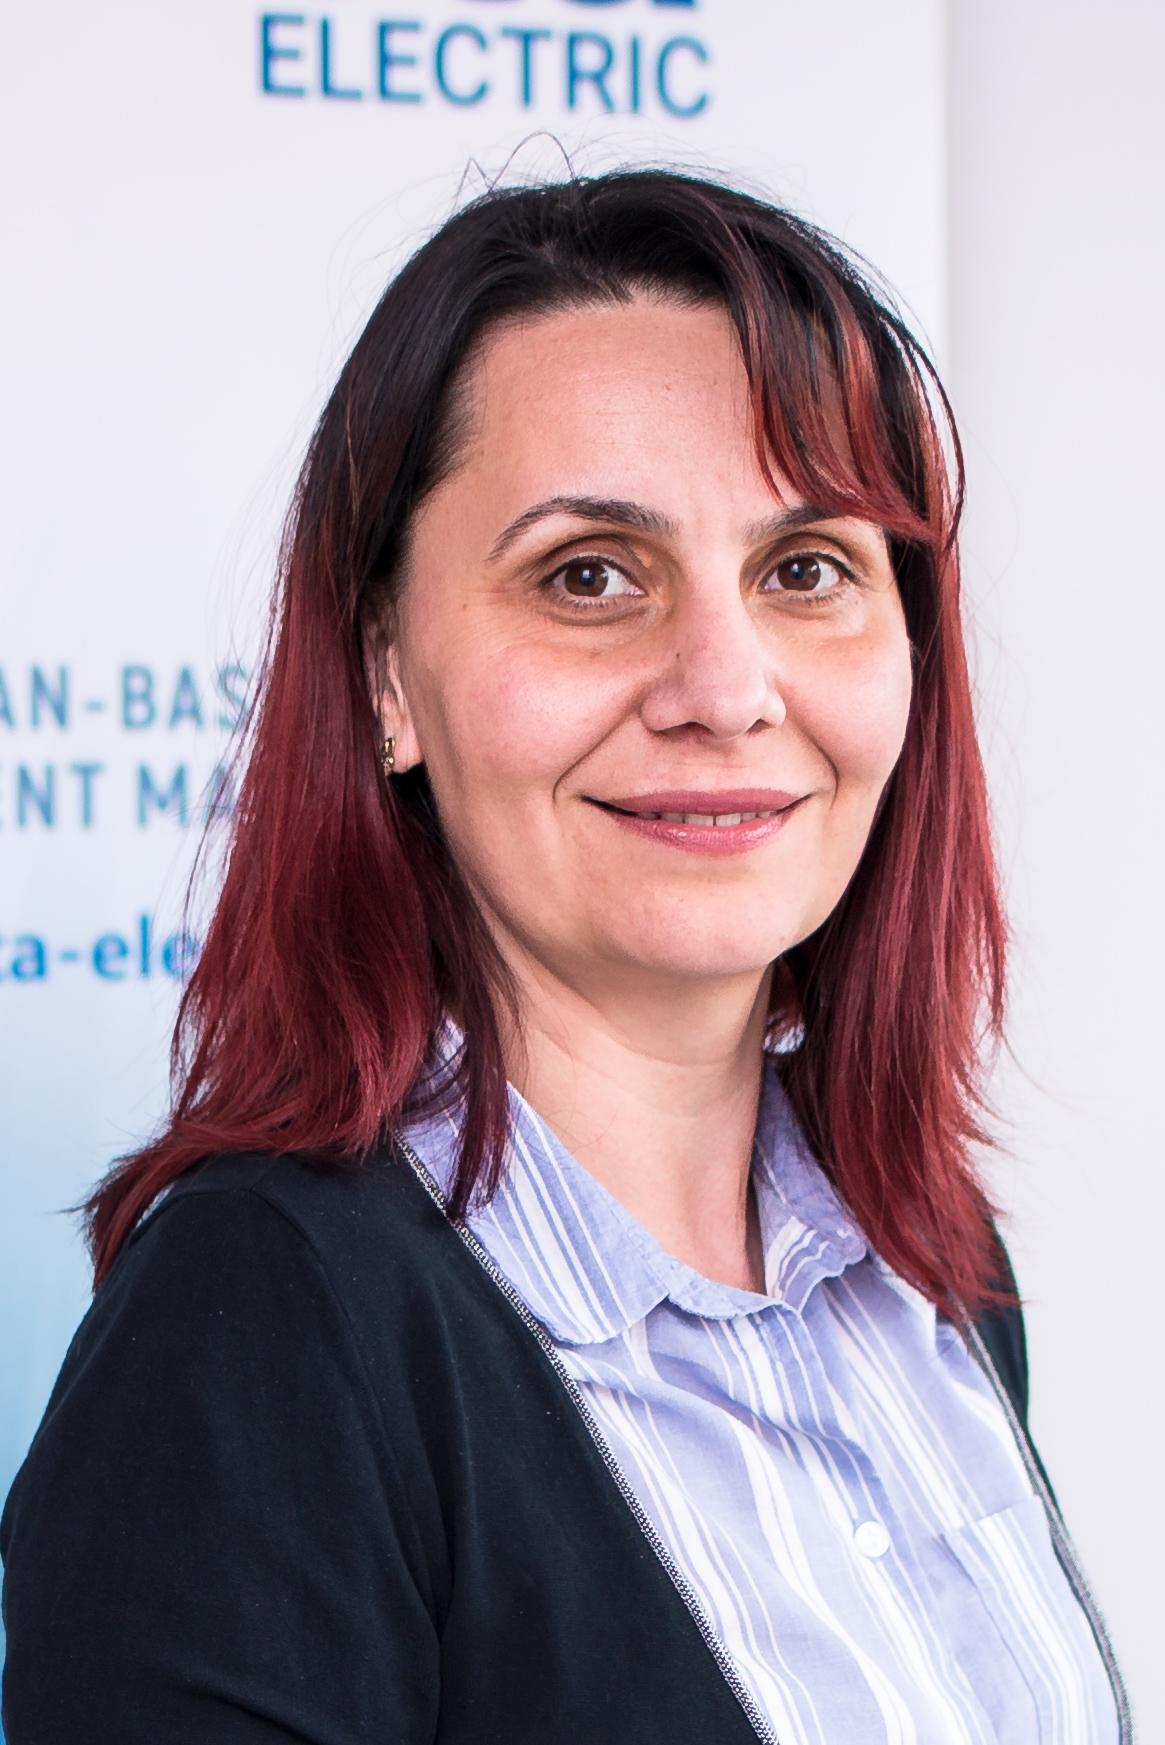 Ana_Nicu